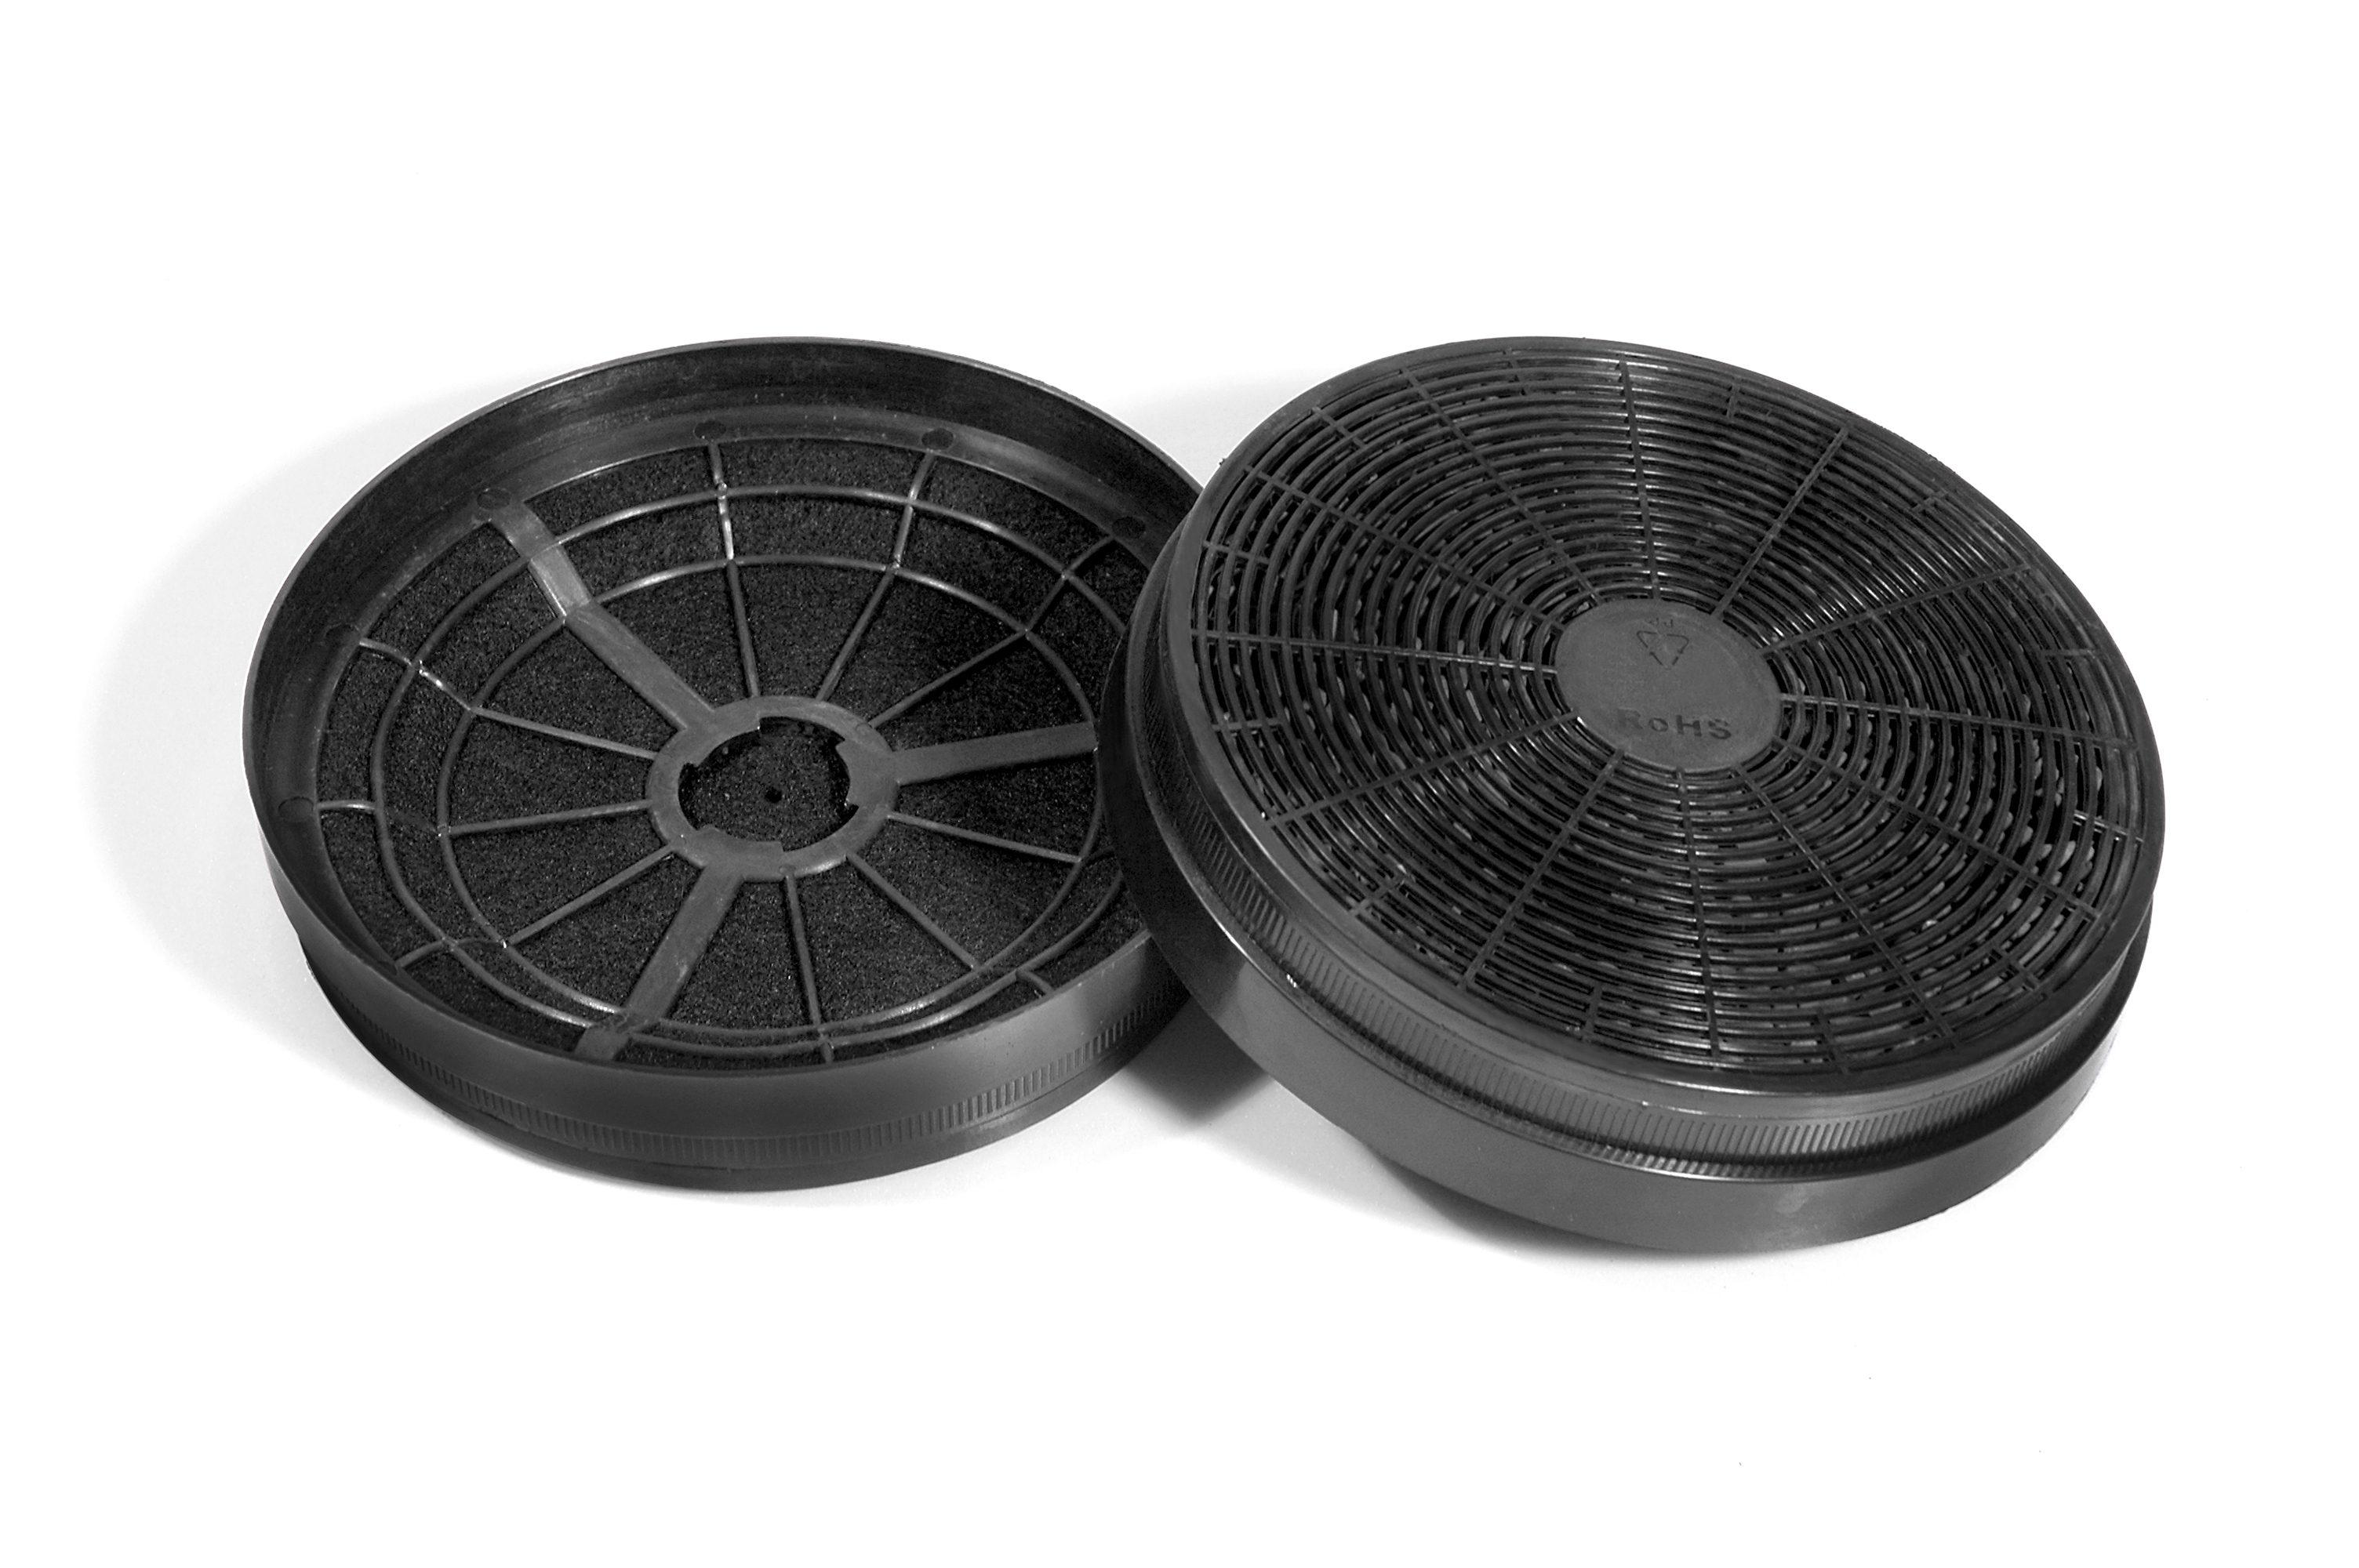 HELD MÖBEL Kohlefilter CF135 2 Stck Technik & Freizeit/Elektrogeräte/Haushaltsgeräte/Dunstabzugshauben/Zubehör für Dunstabzugshauben